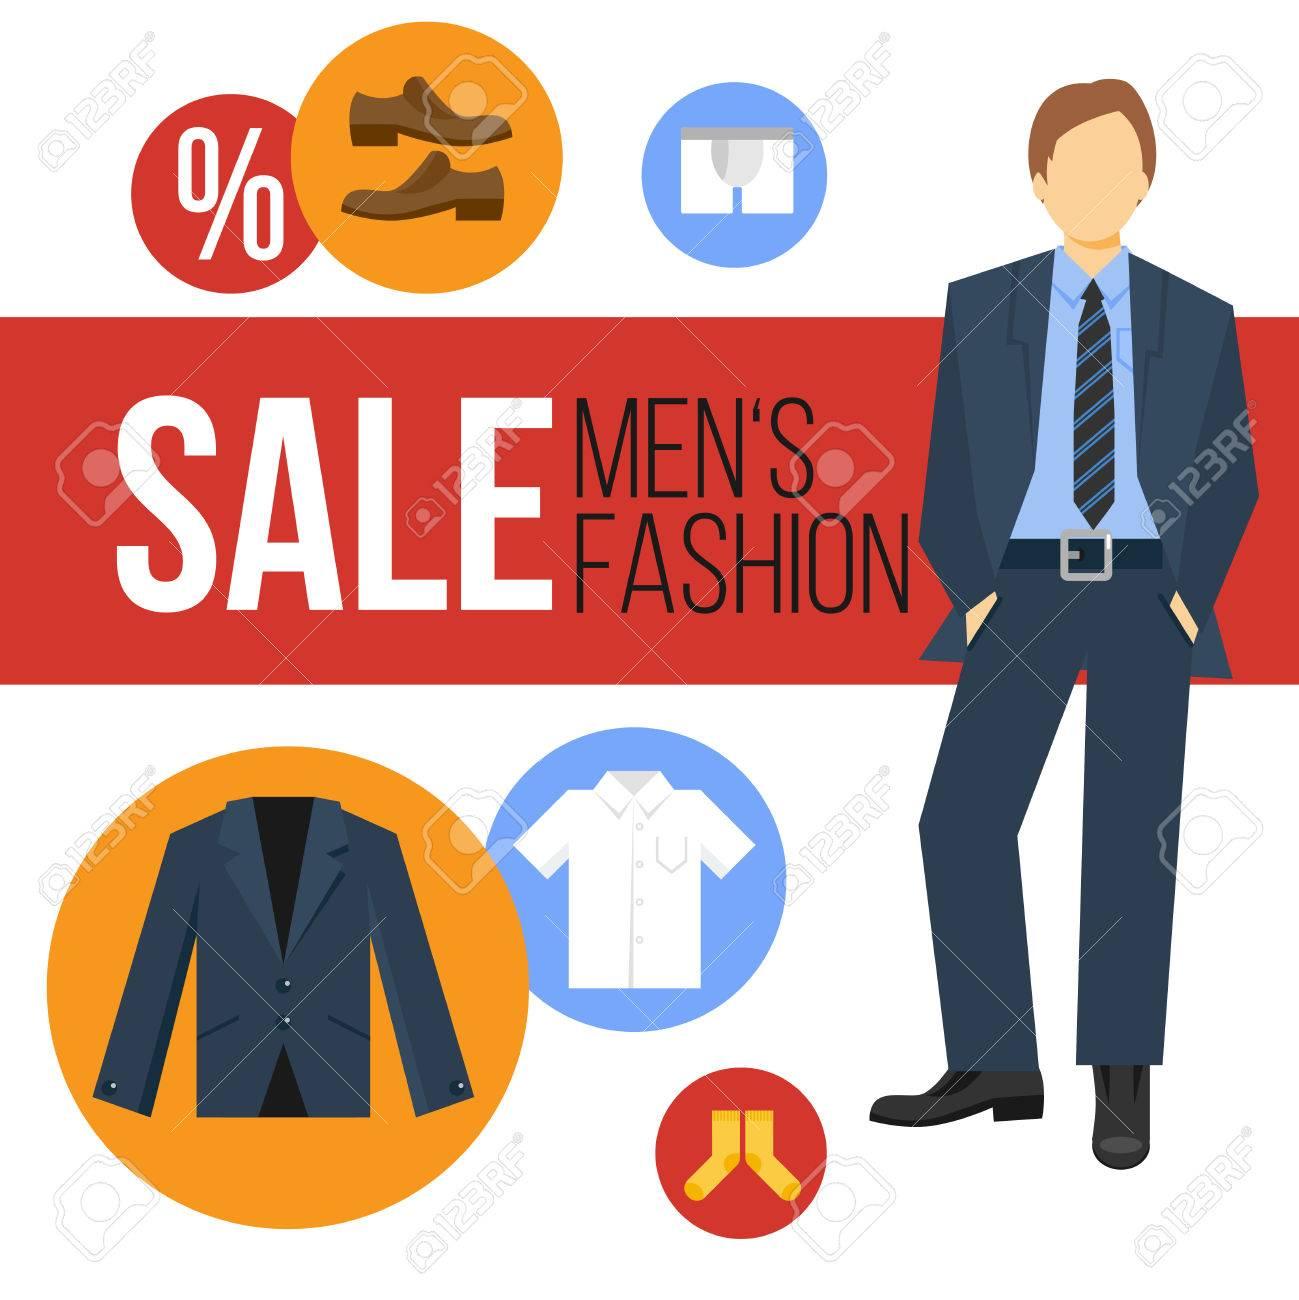 937112dd2 Moda Ropa de hombres venta concepto con los iconos de la ropa y el hombre  de negocios ilustración vectorial